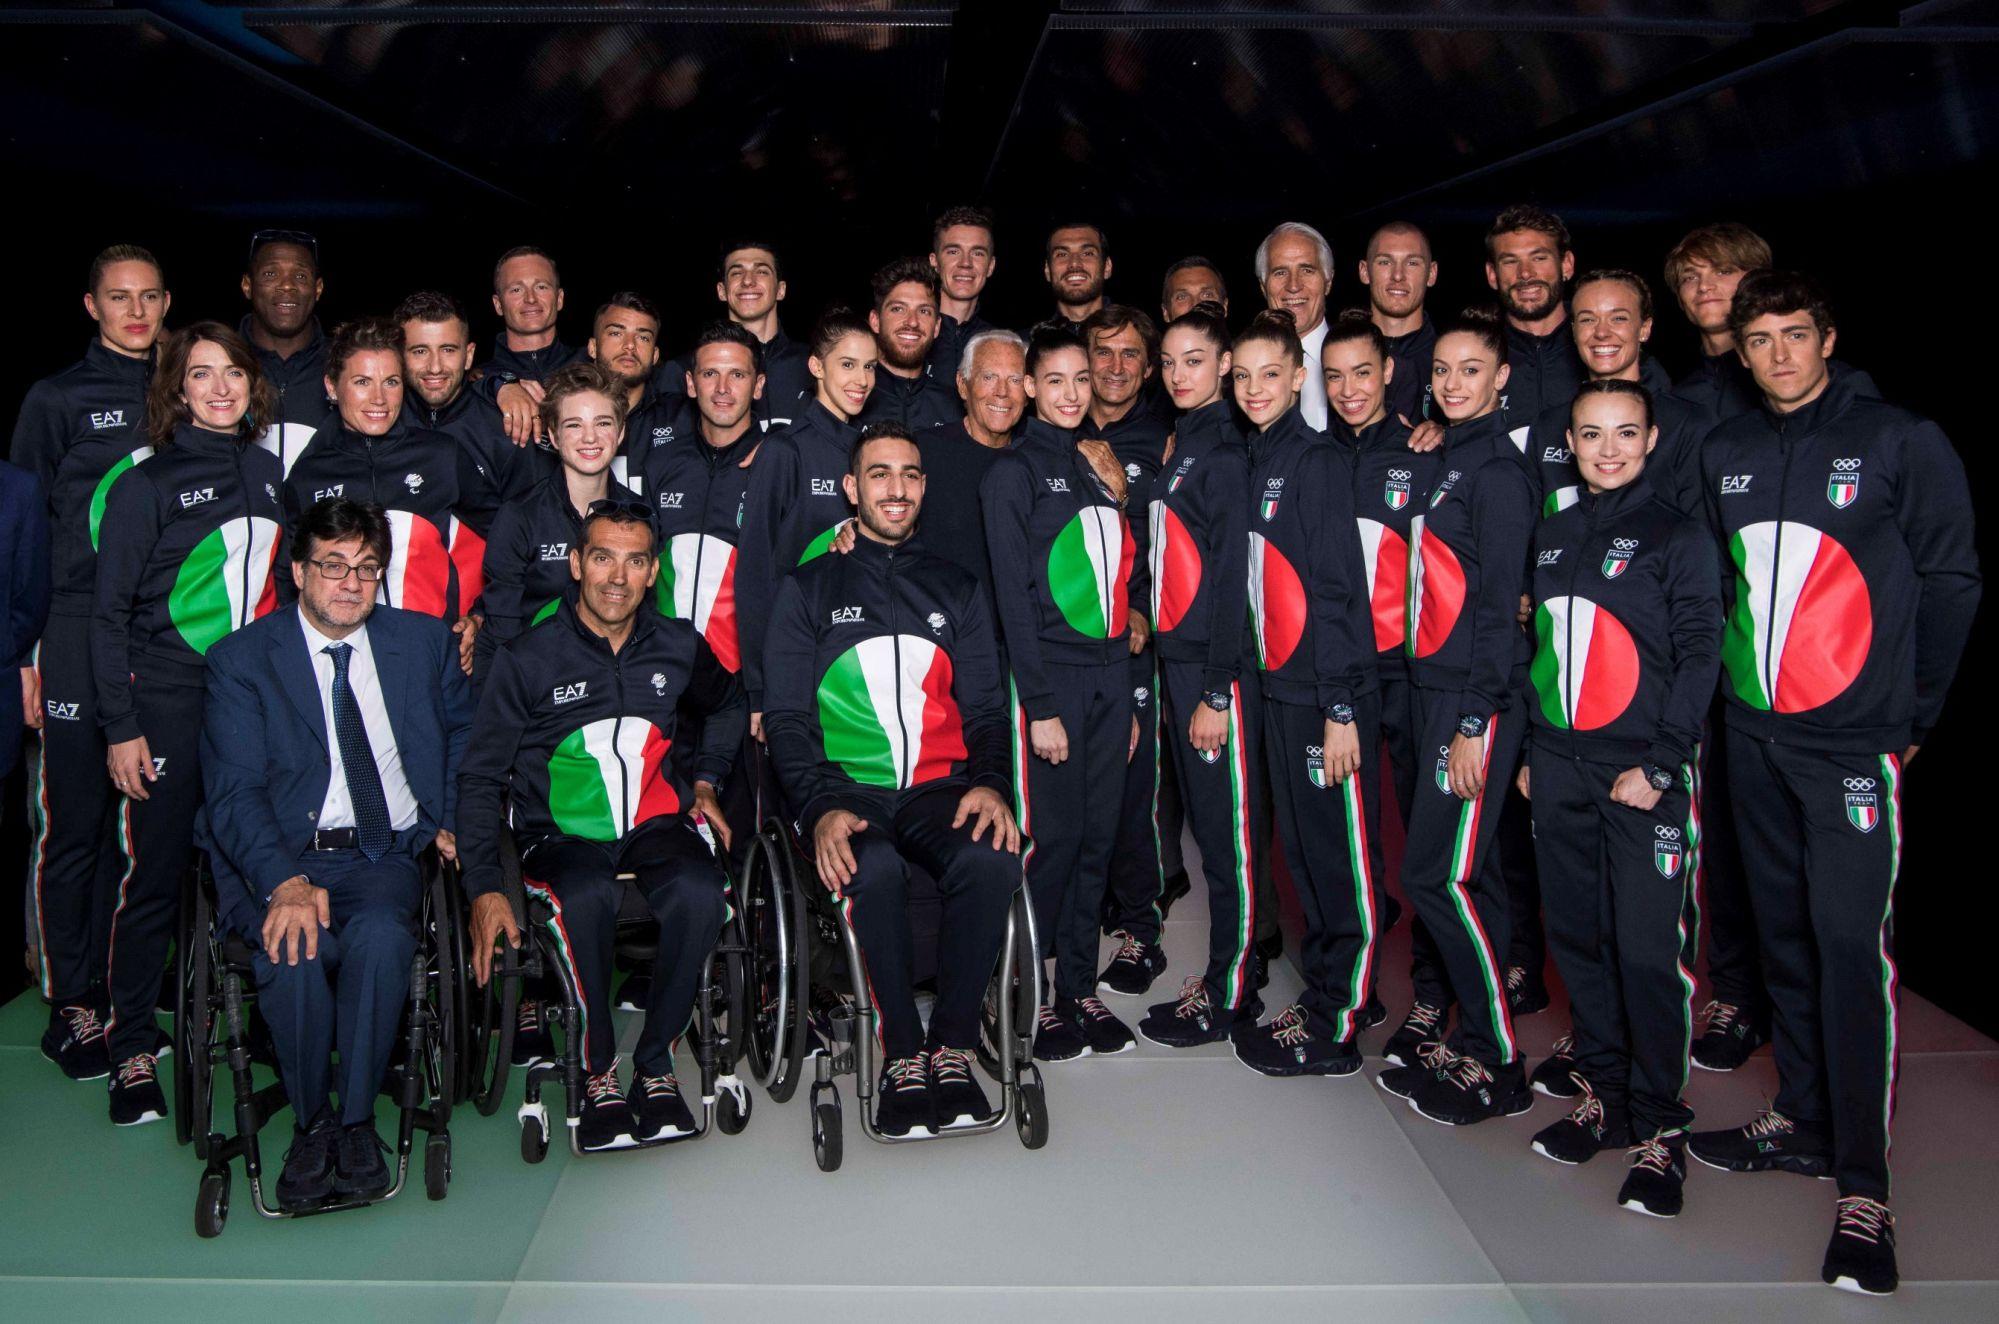 Ý: Giorgio Armani là nhà thiết kế chính thức cho trang phục của đội Olympic Ý. Bộ trang phục có hình lá cờ in ở mặt trước áo khoác jersey và sơ mi. Ngoài ra, phần cổ áo khoác còn có dòng chữ Fratelli d'Italia trong bài quốc ca của đất nước.